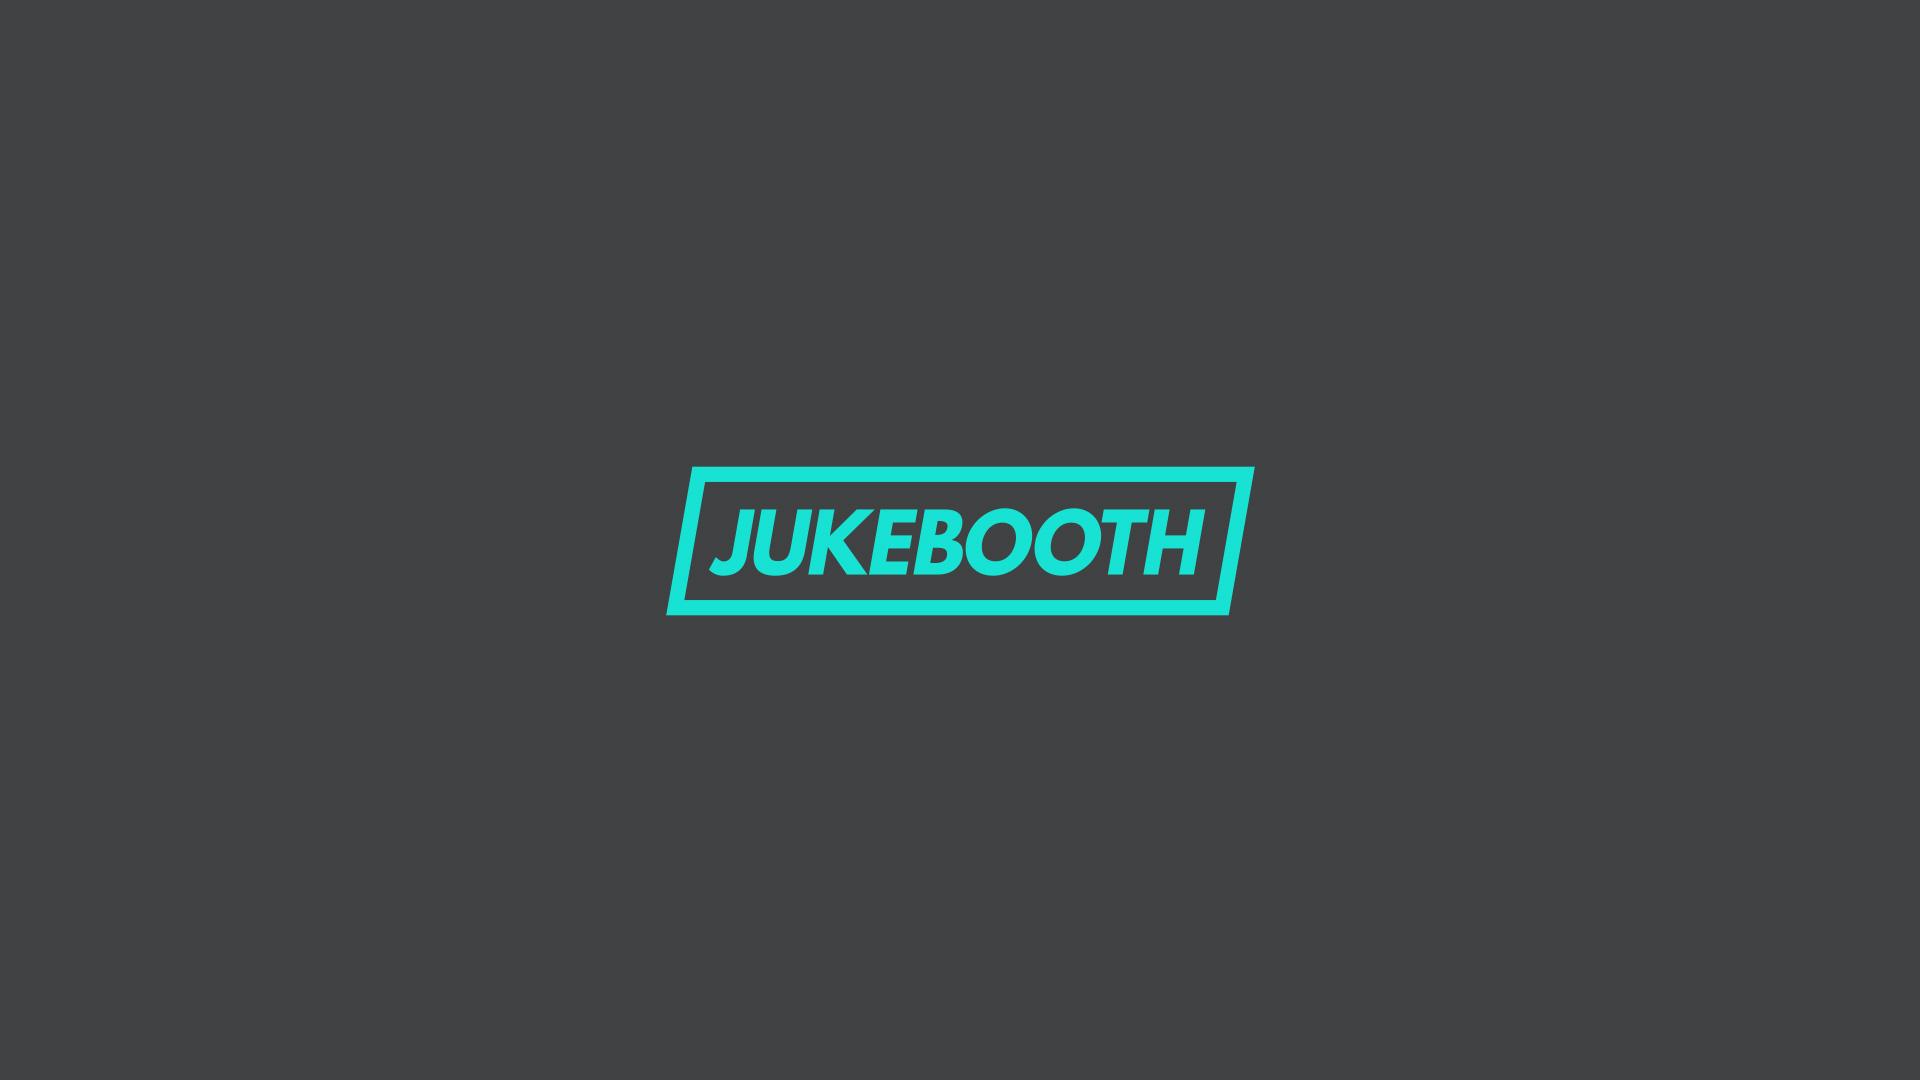 Jukebooth - Logotype